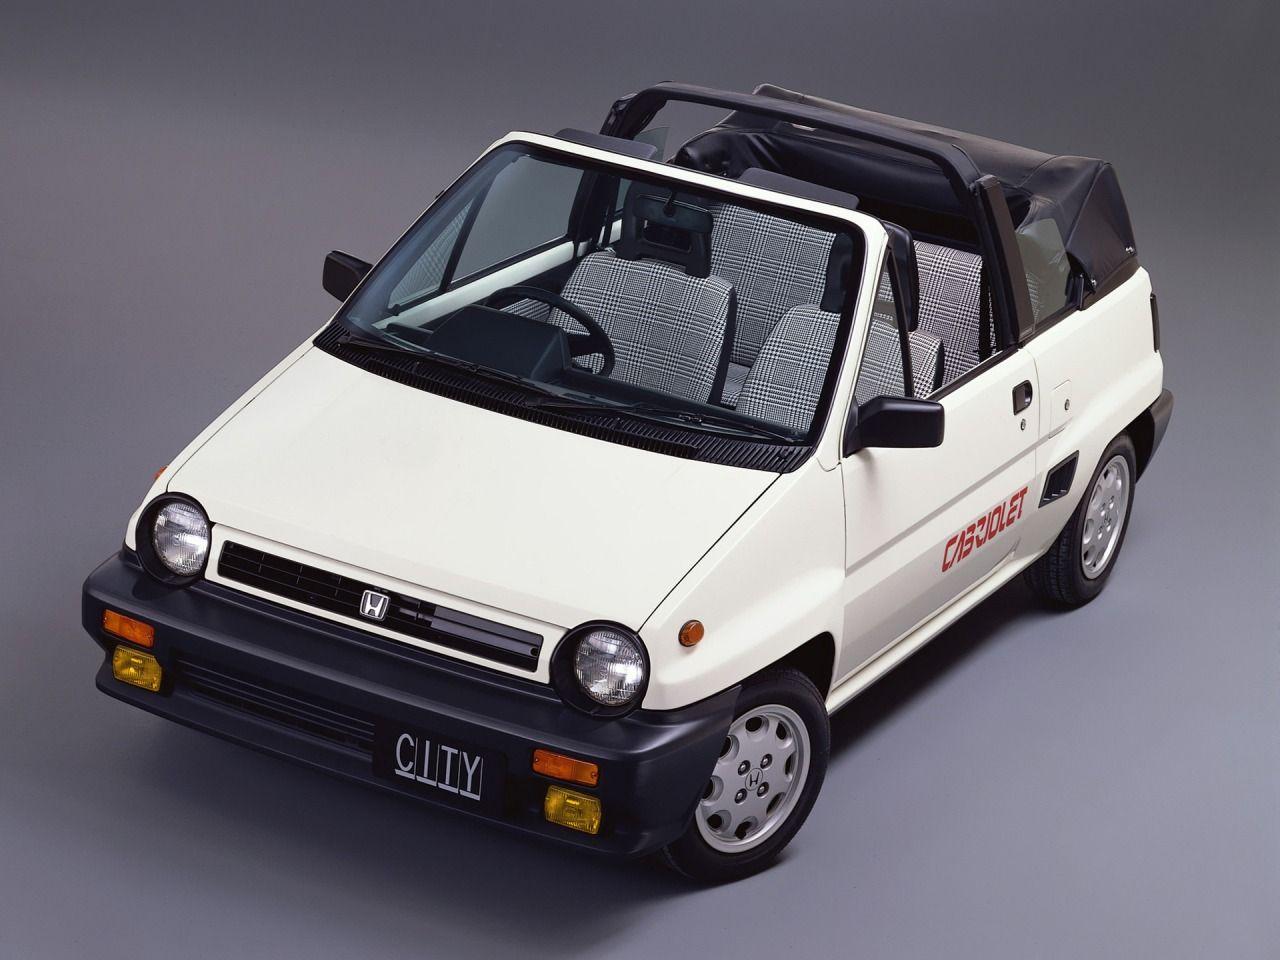 120 Cars - Carros ideas | carros, cars, classic cars